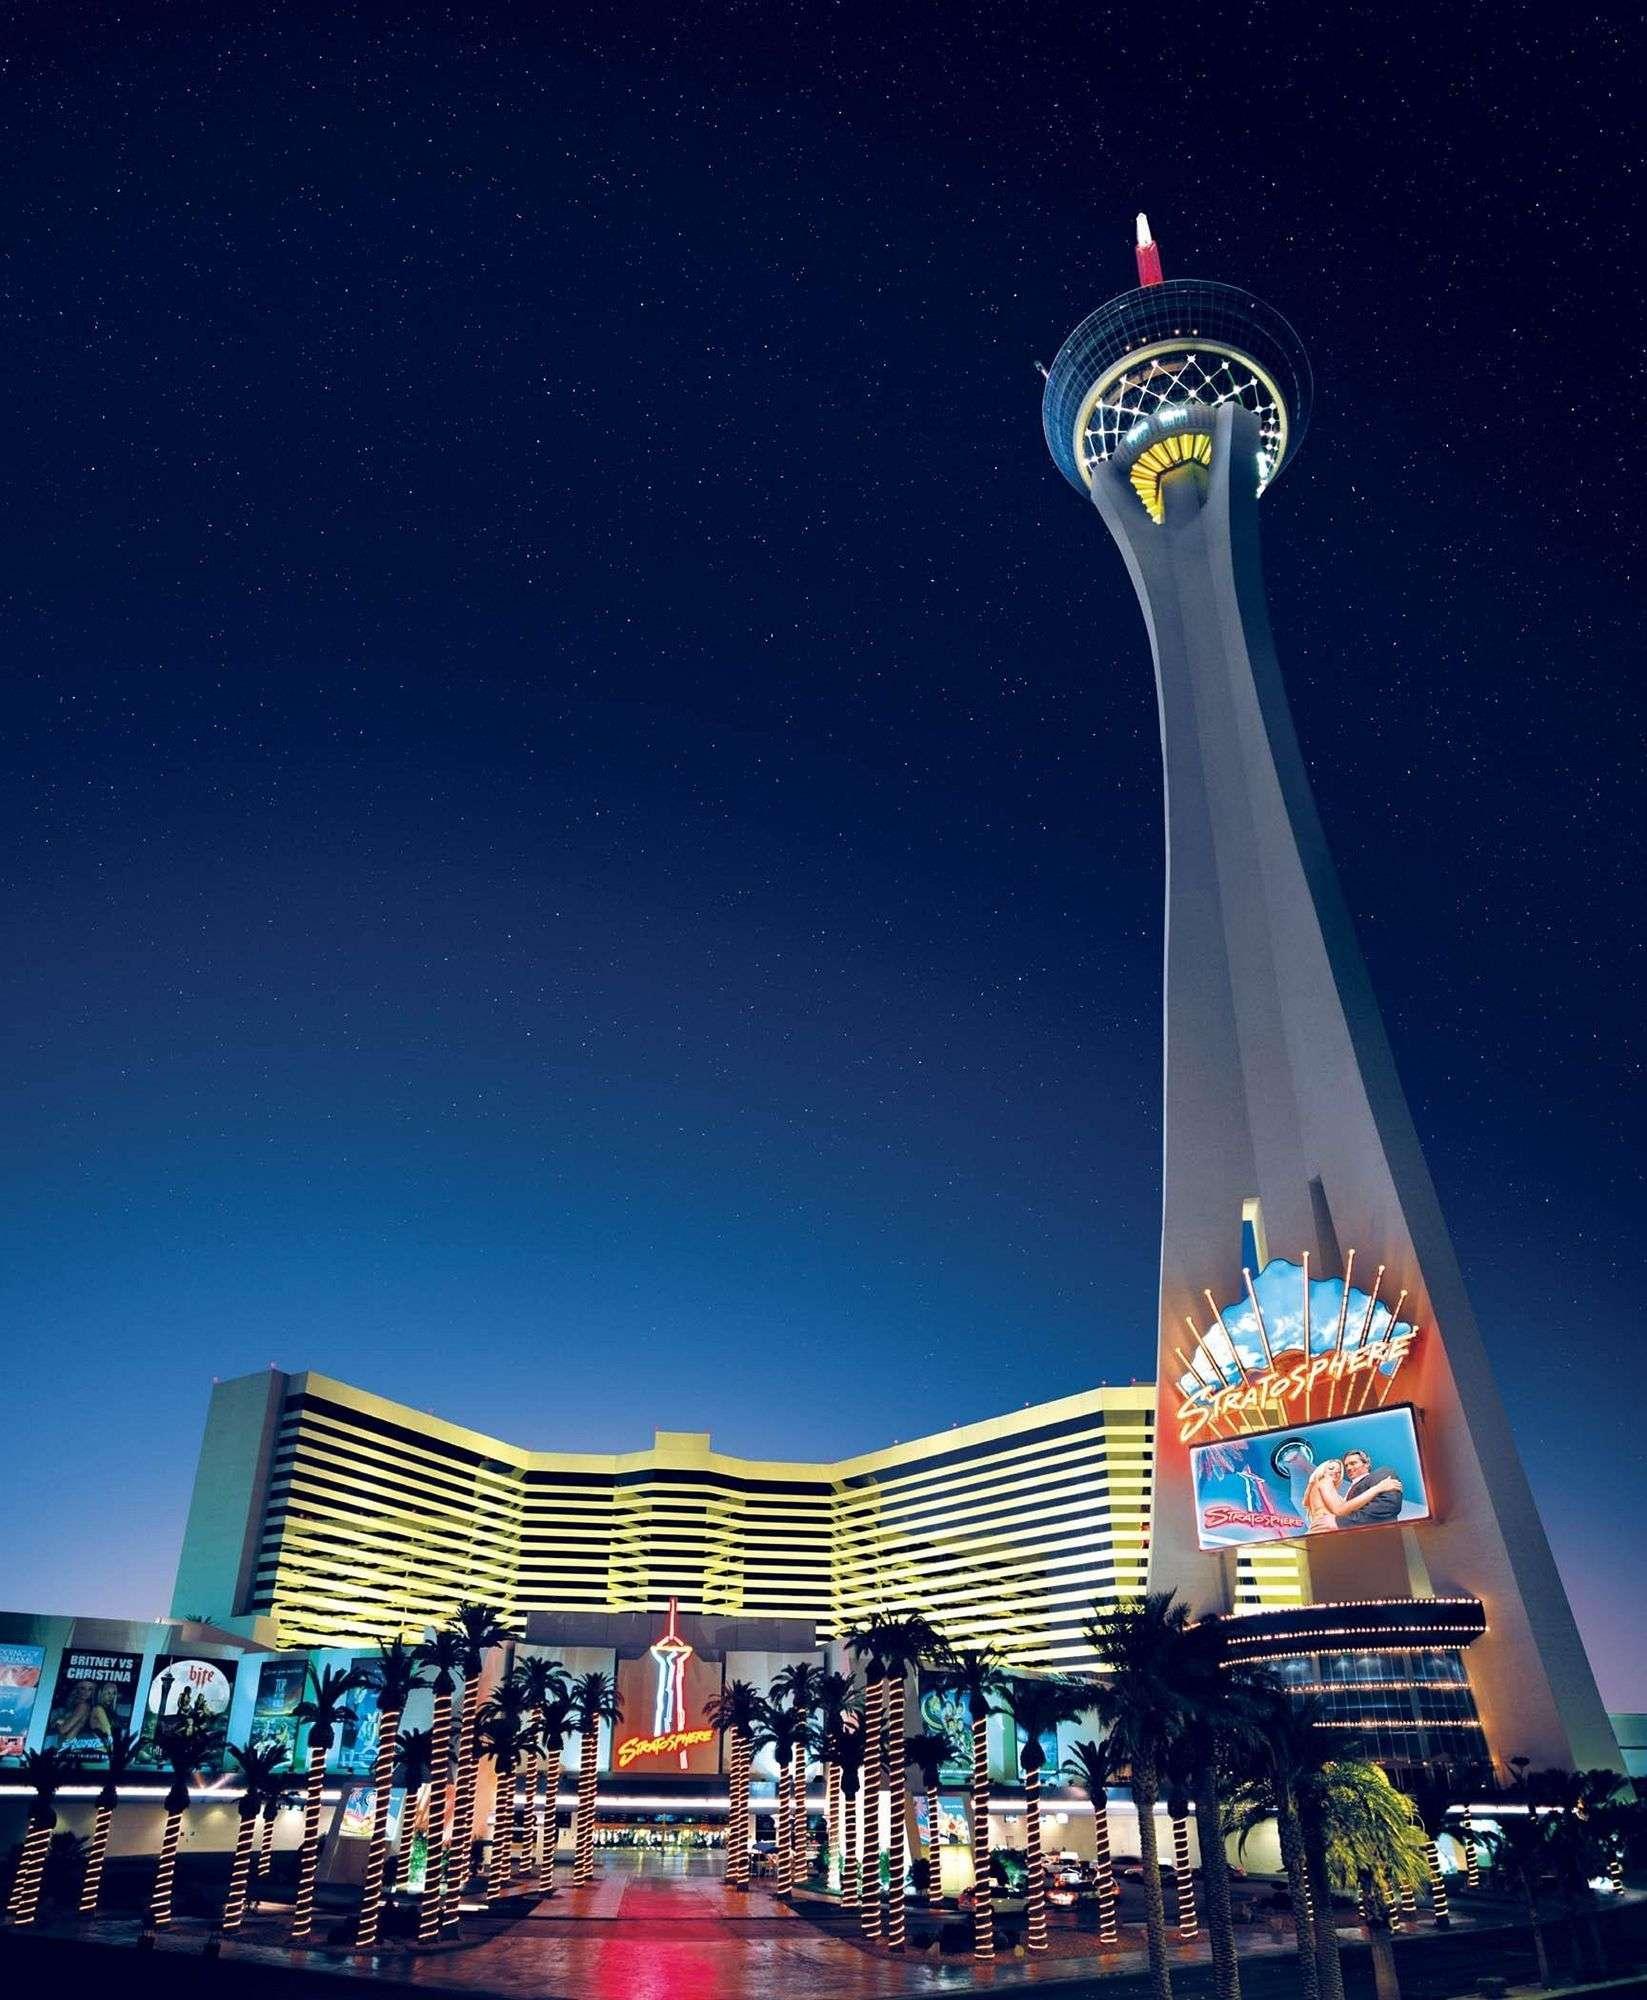 Лас вегас казино и отели играть в рулетку без депозита на деньги